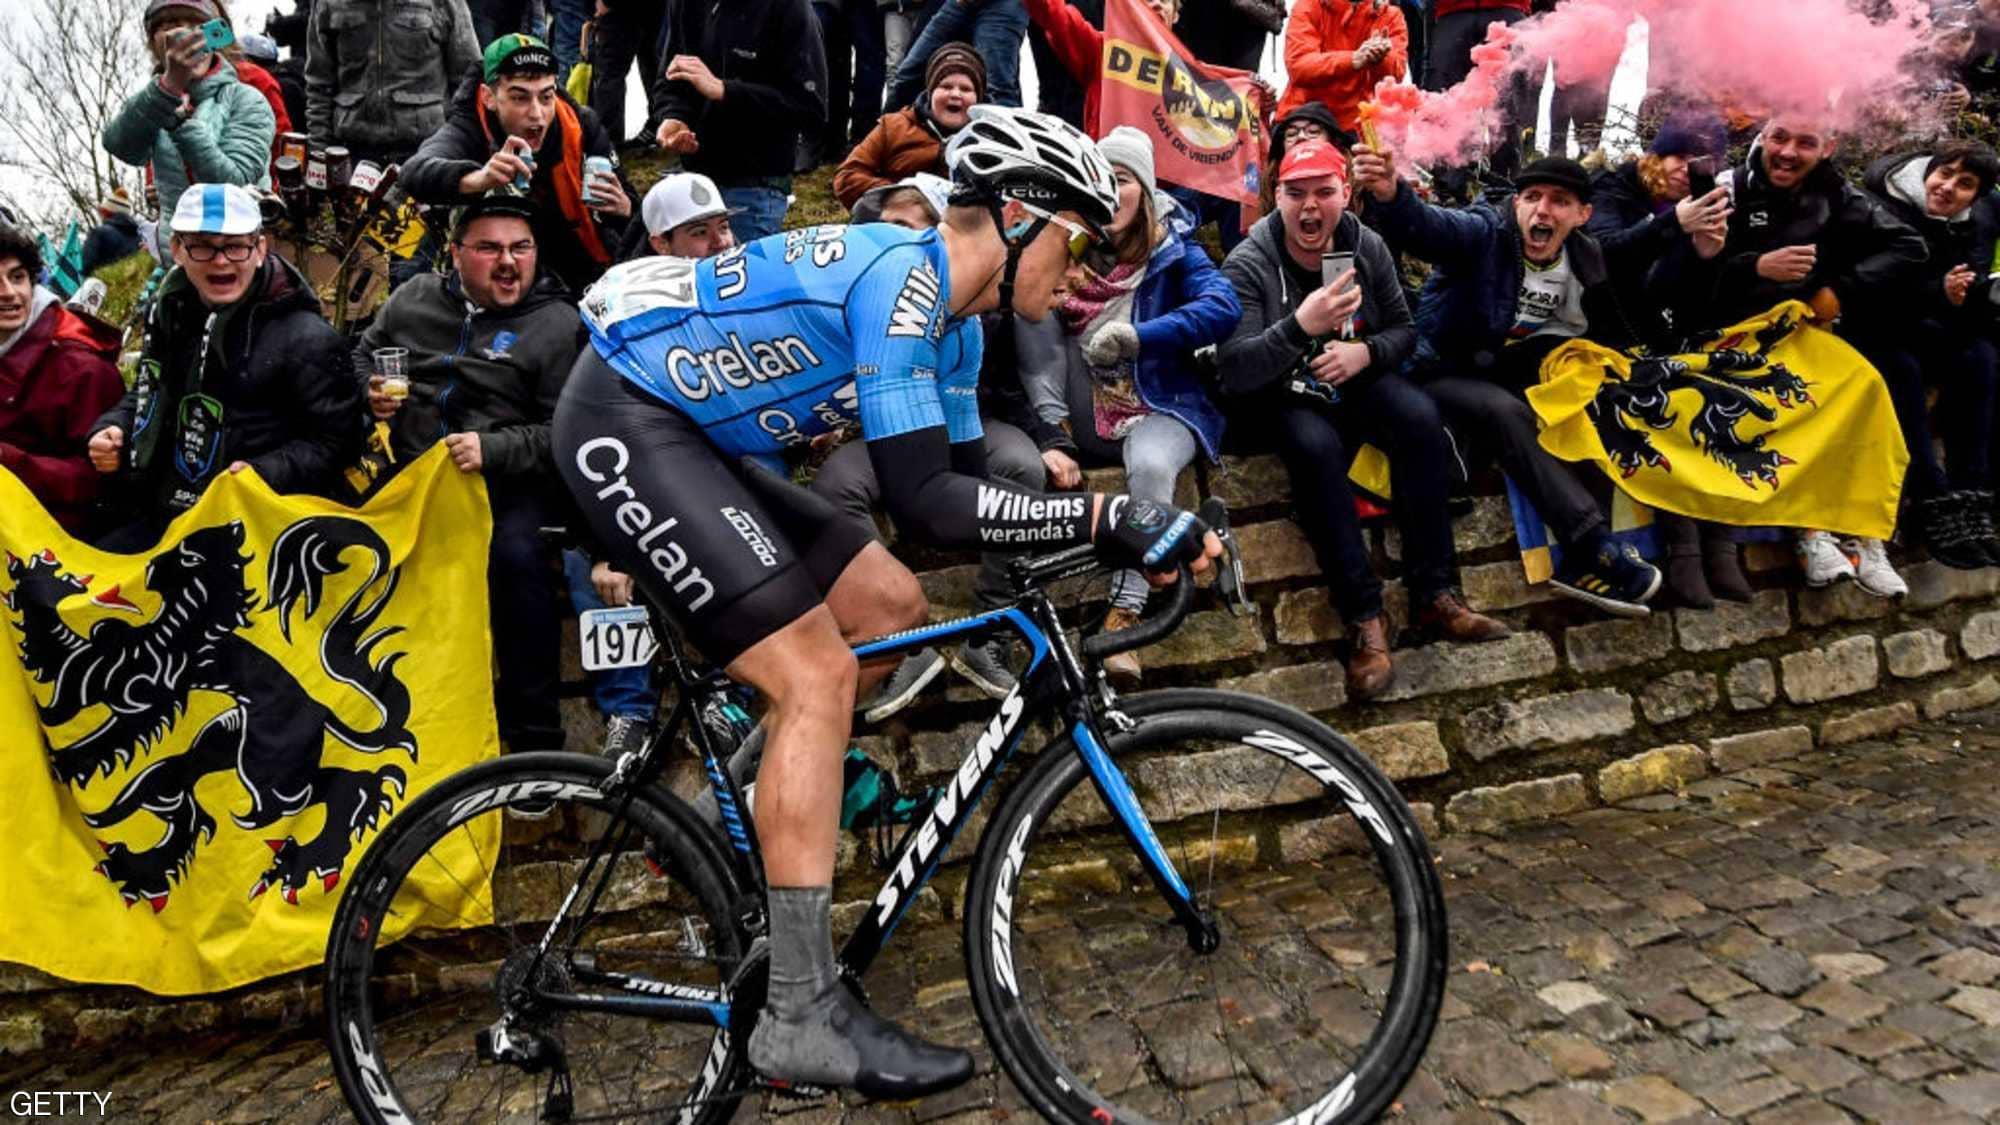 وفاة دراج بلجيكي بعد سقوطه خلال طواف في فرنسا